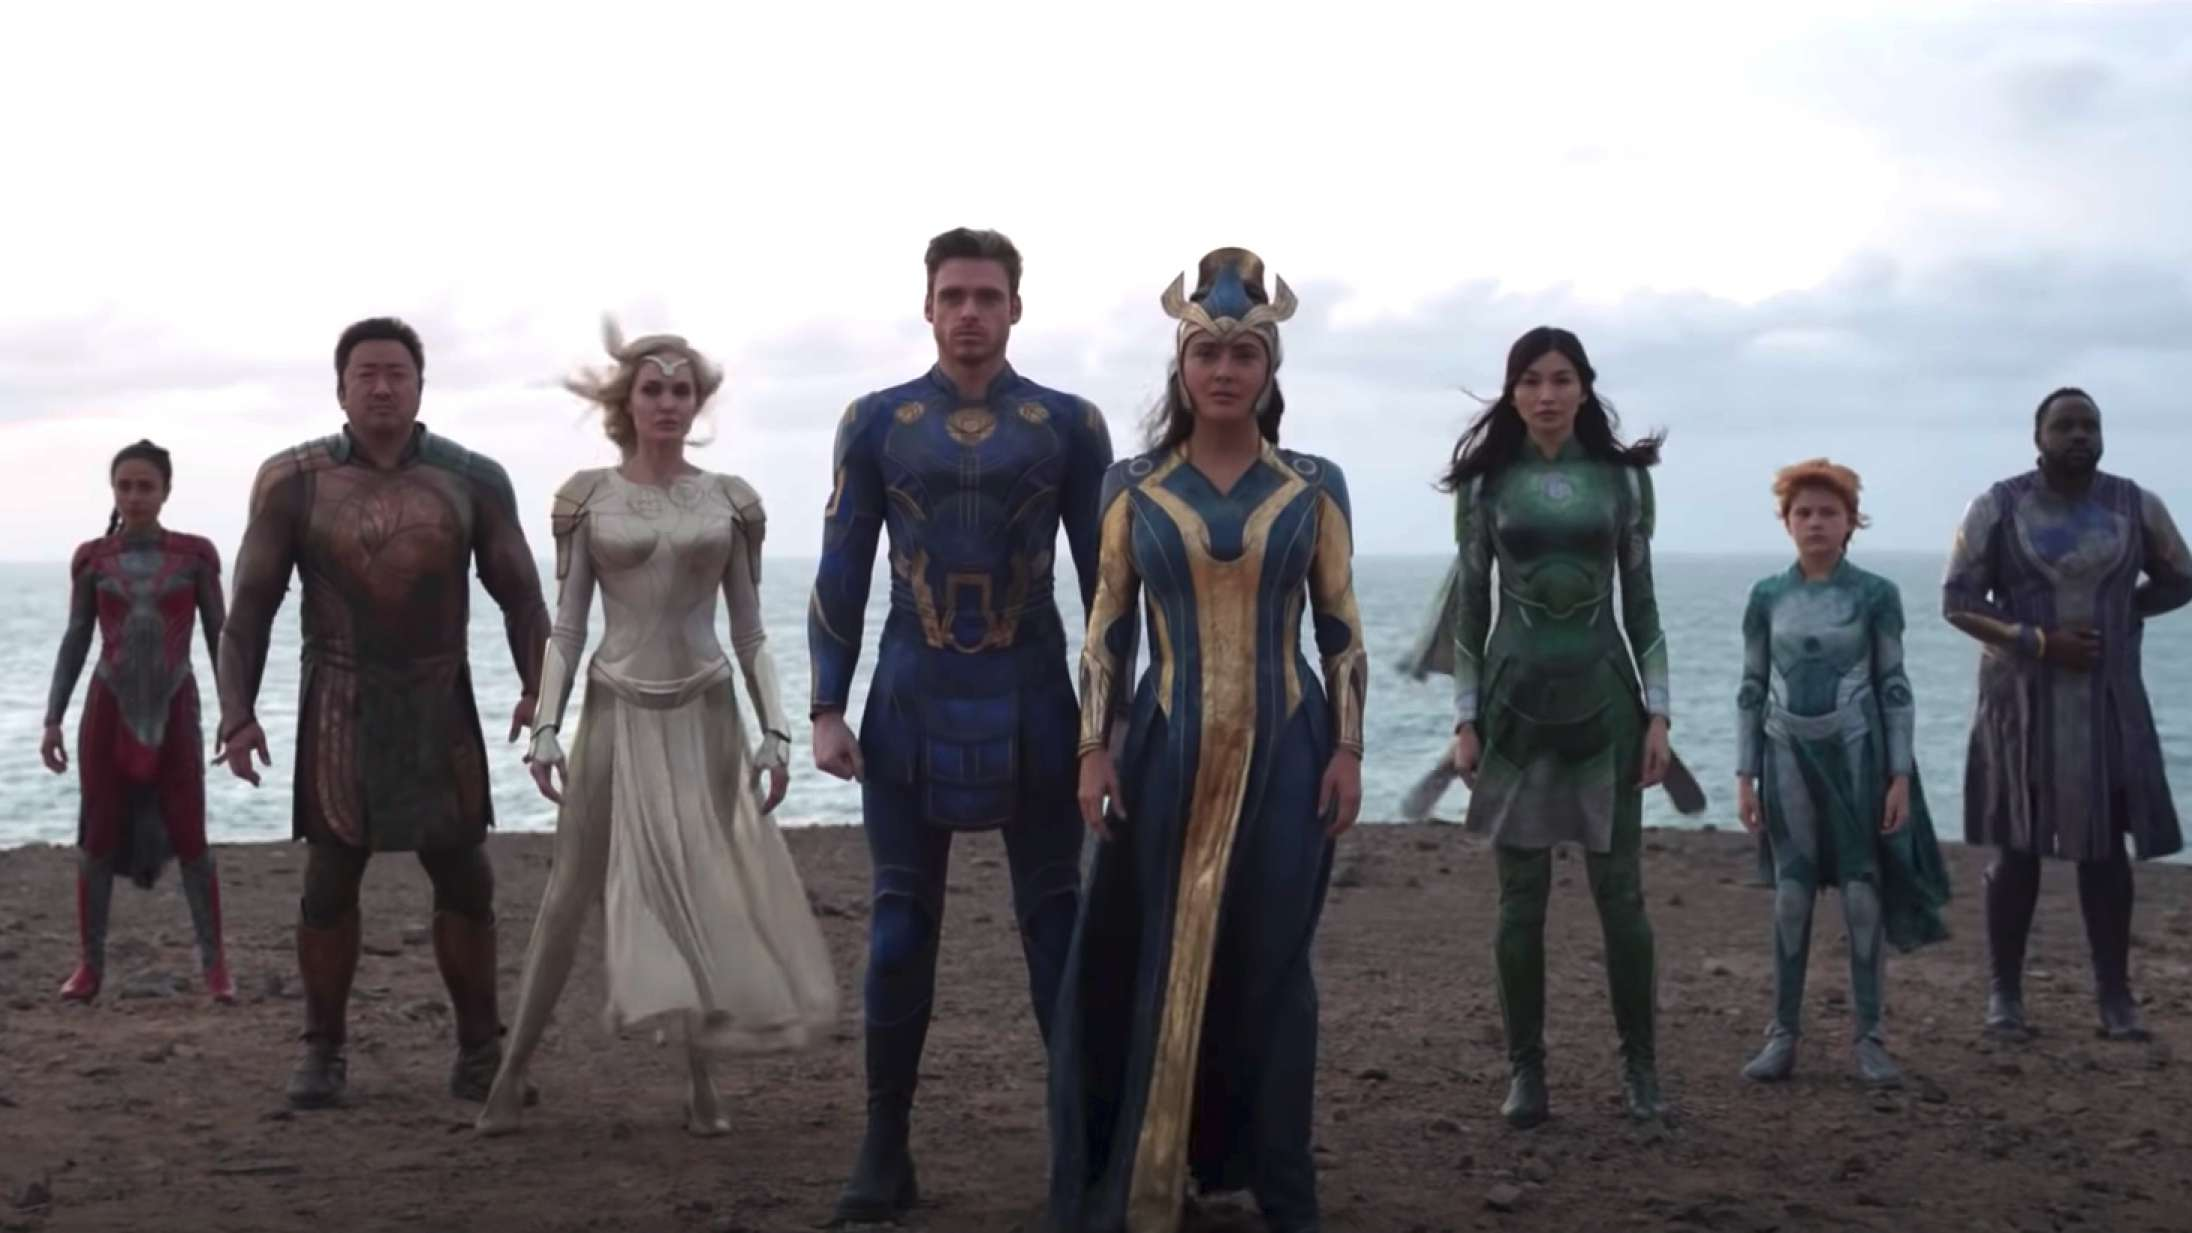 Første fulde 'Eternals'-trailer introducerer Marvels nye superheltegruppe